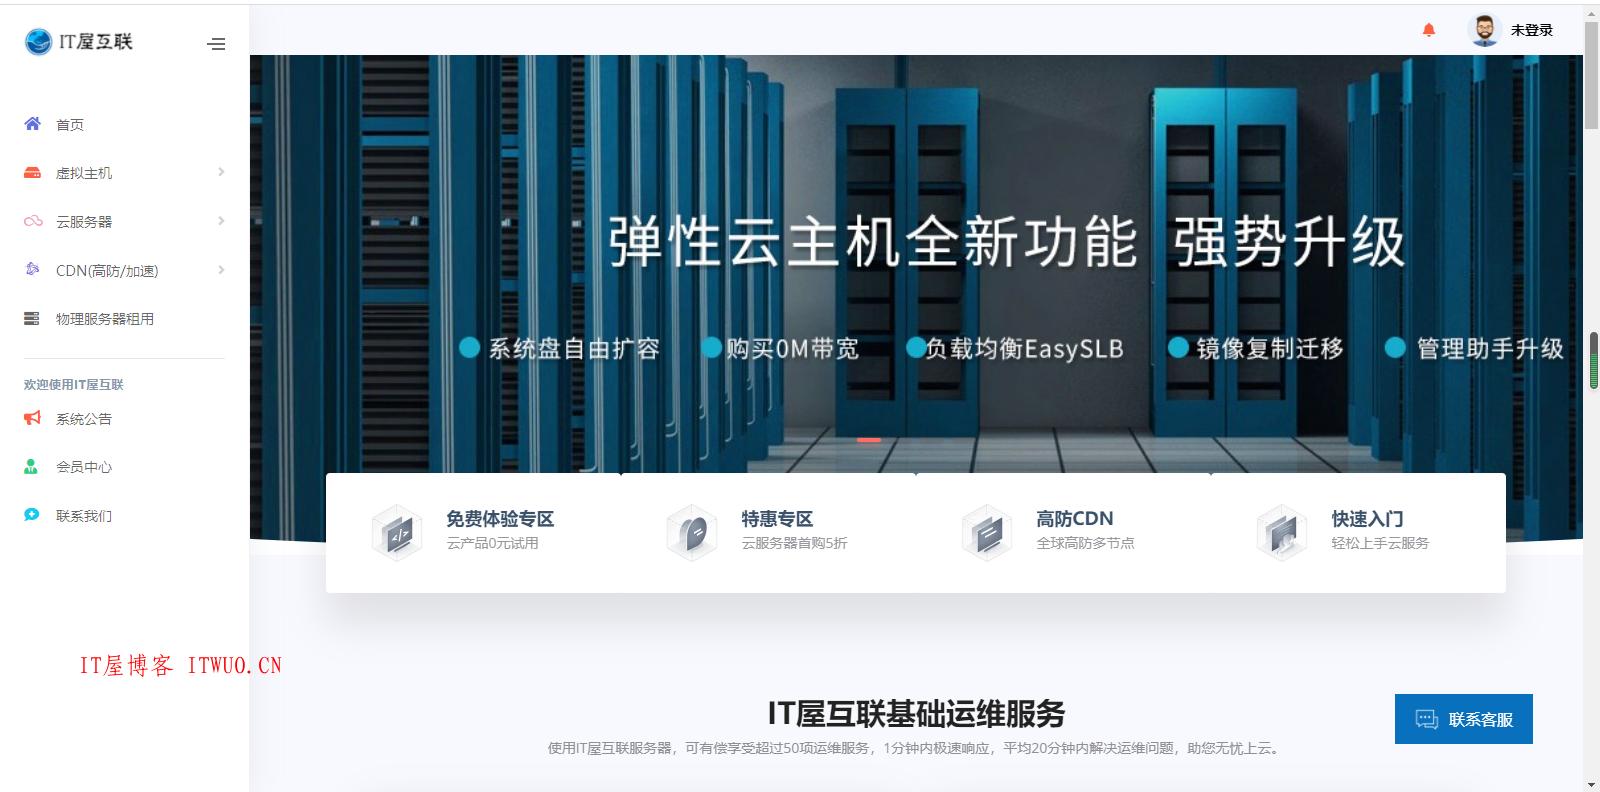 雪花IDC财务管理系统QSIT_PRO 主题模板